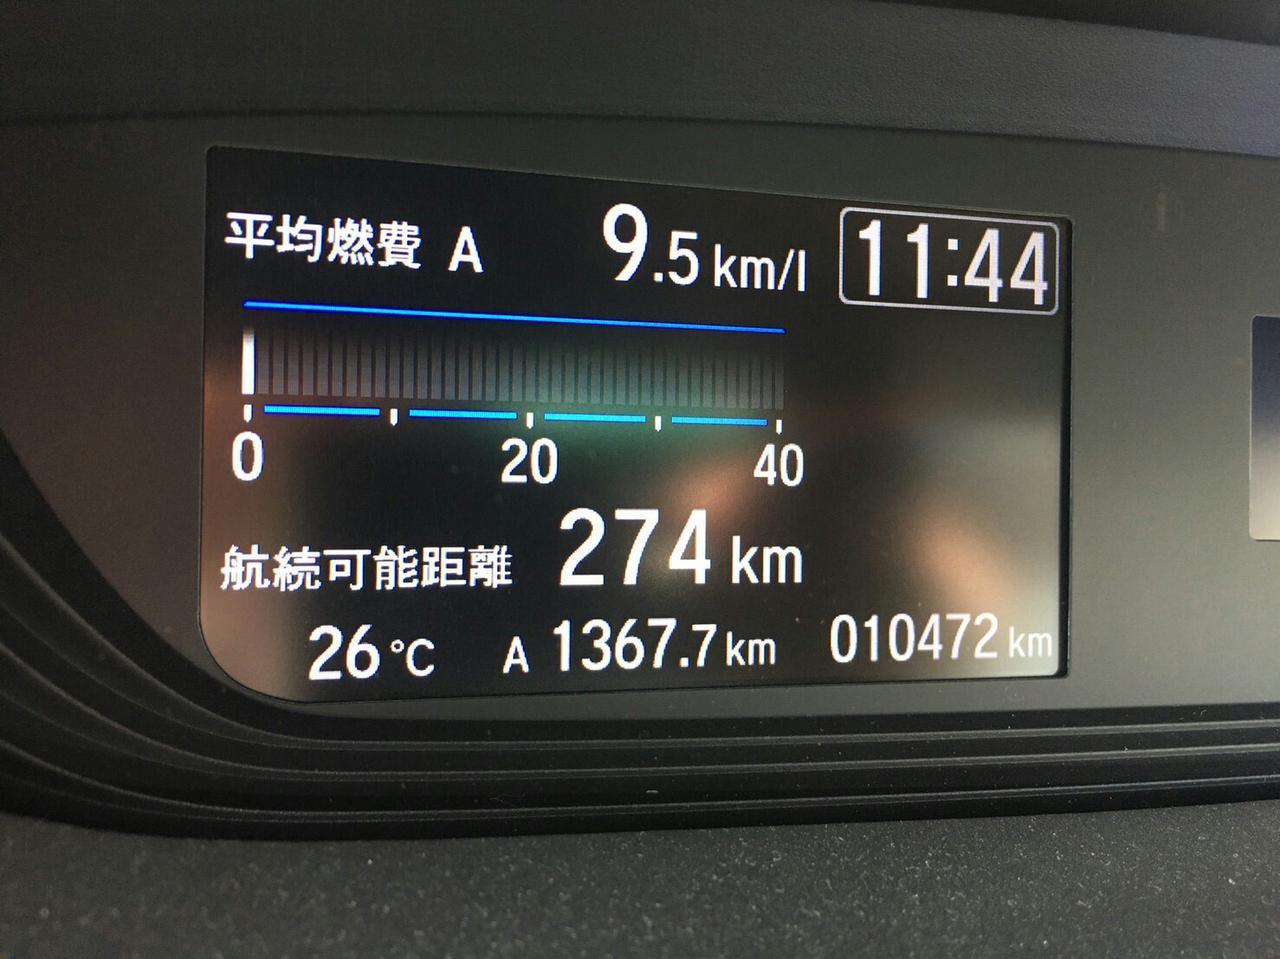 画像: 筆者撮影「燃費をリアルタイムで確認できる車も」